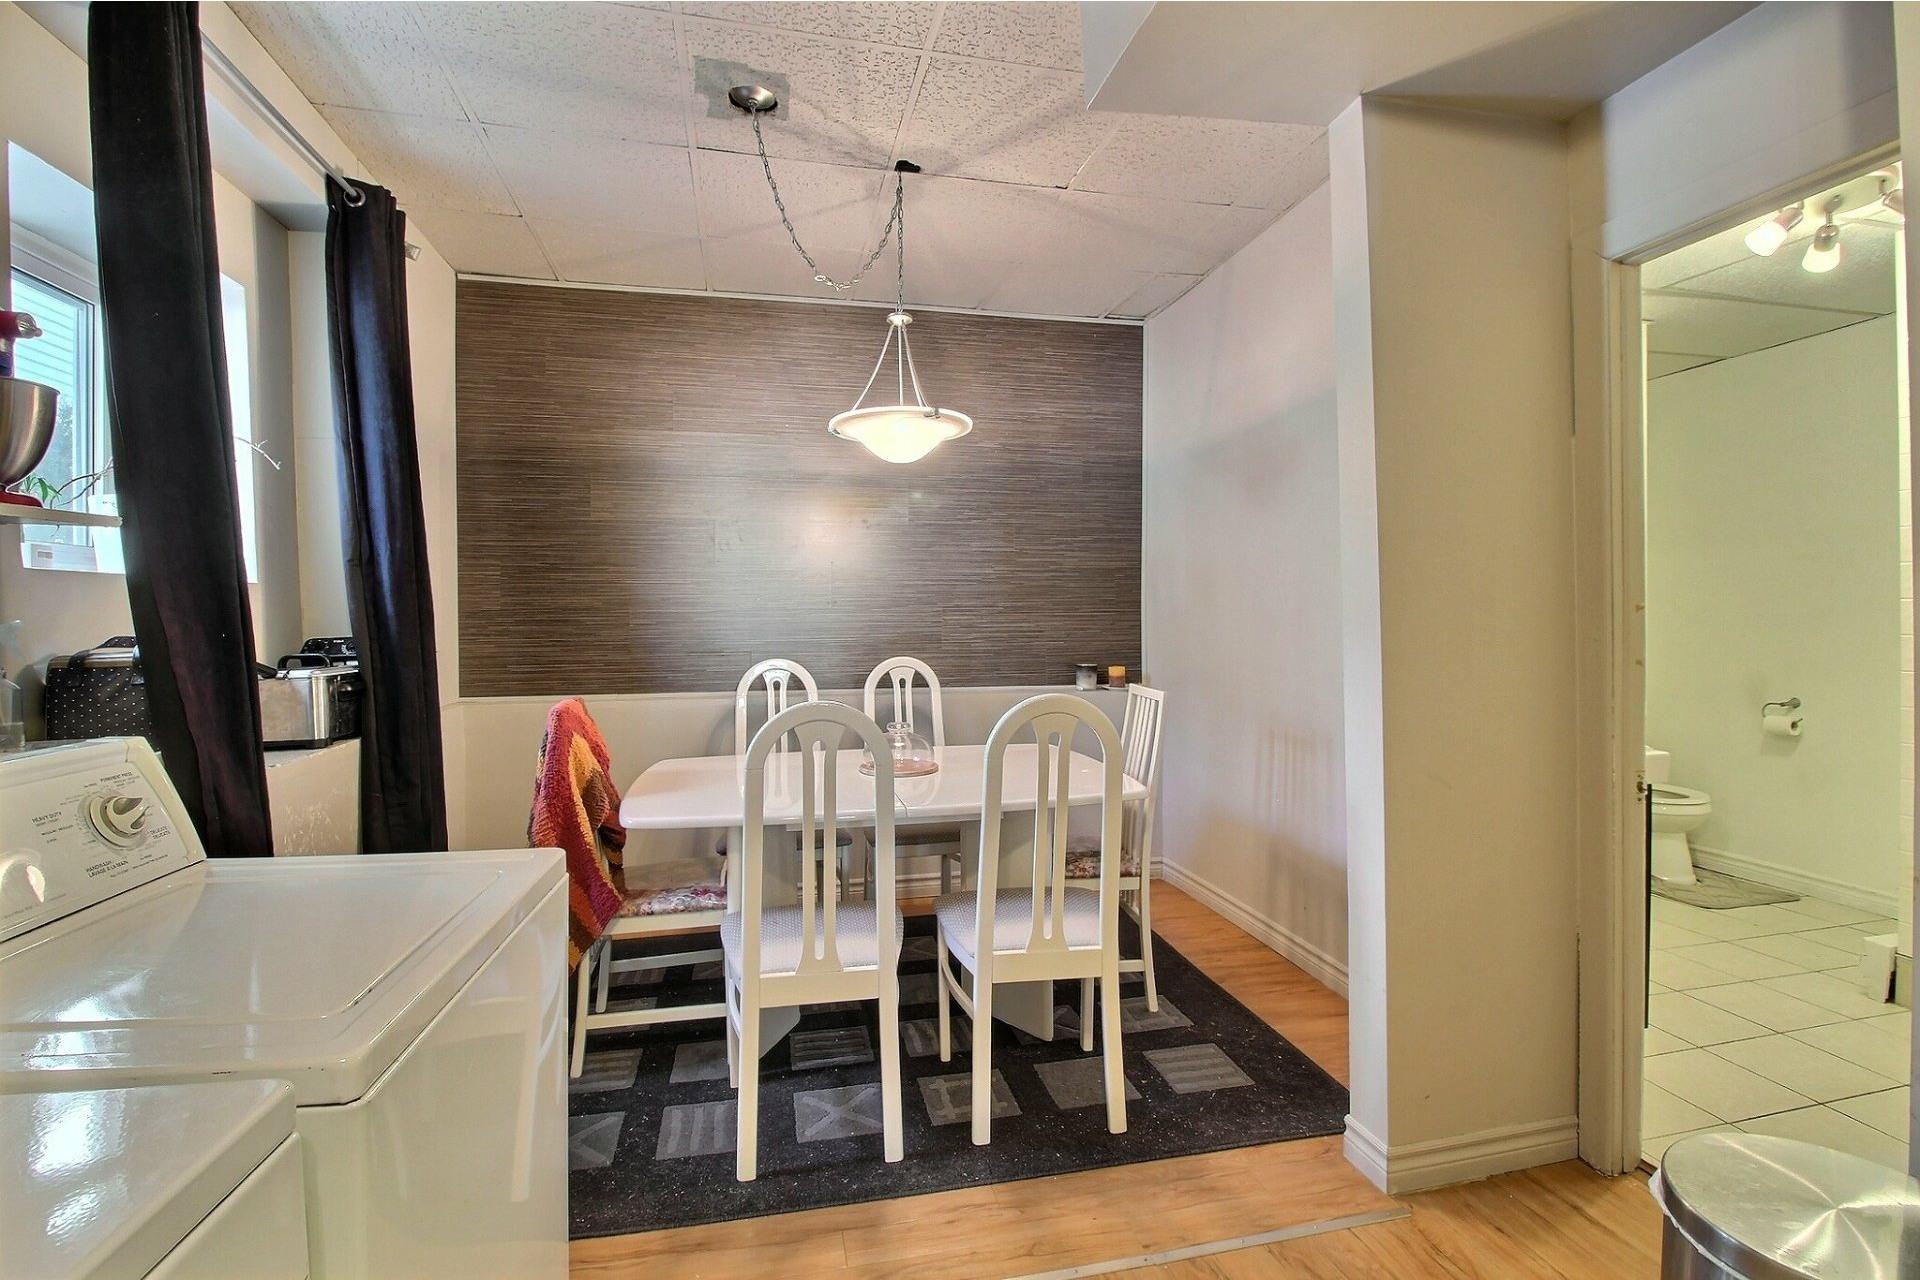 image 11 - Duplex À vendre Fleurimont Sherbrooke  - 4 pièces